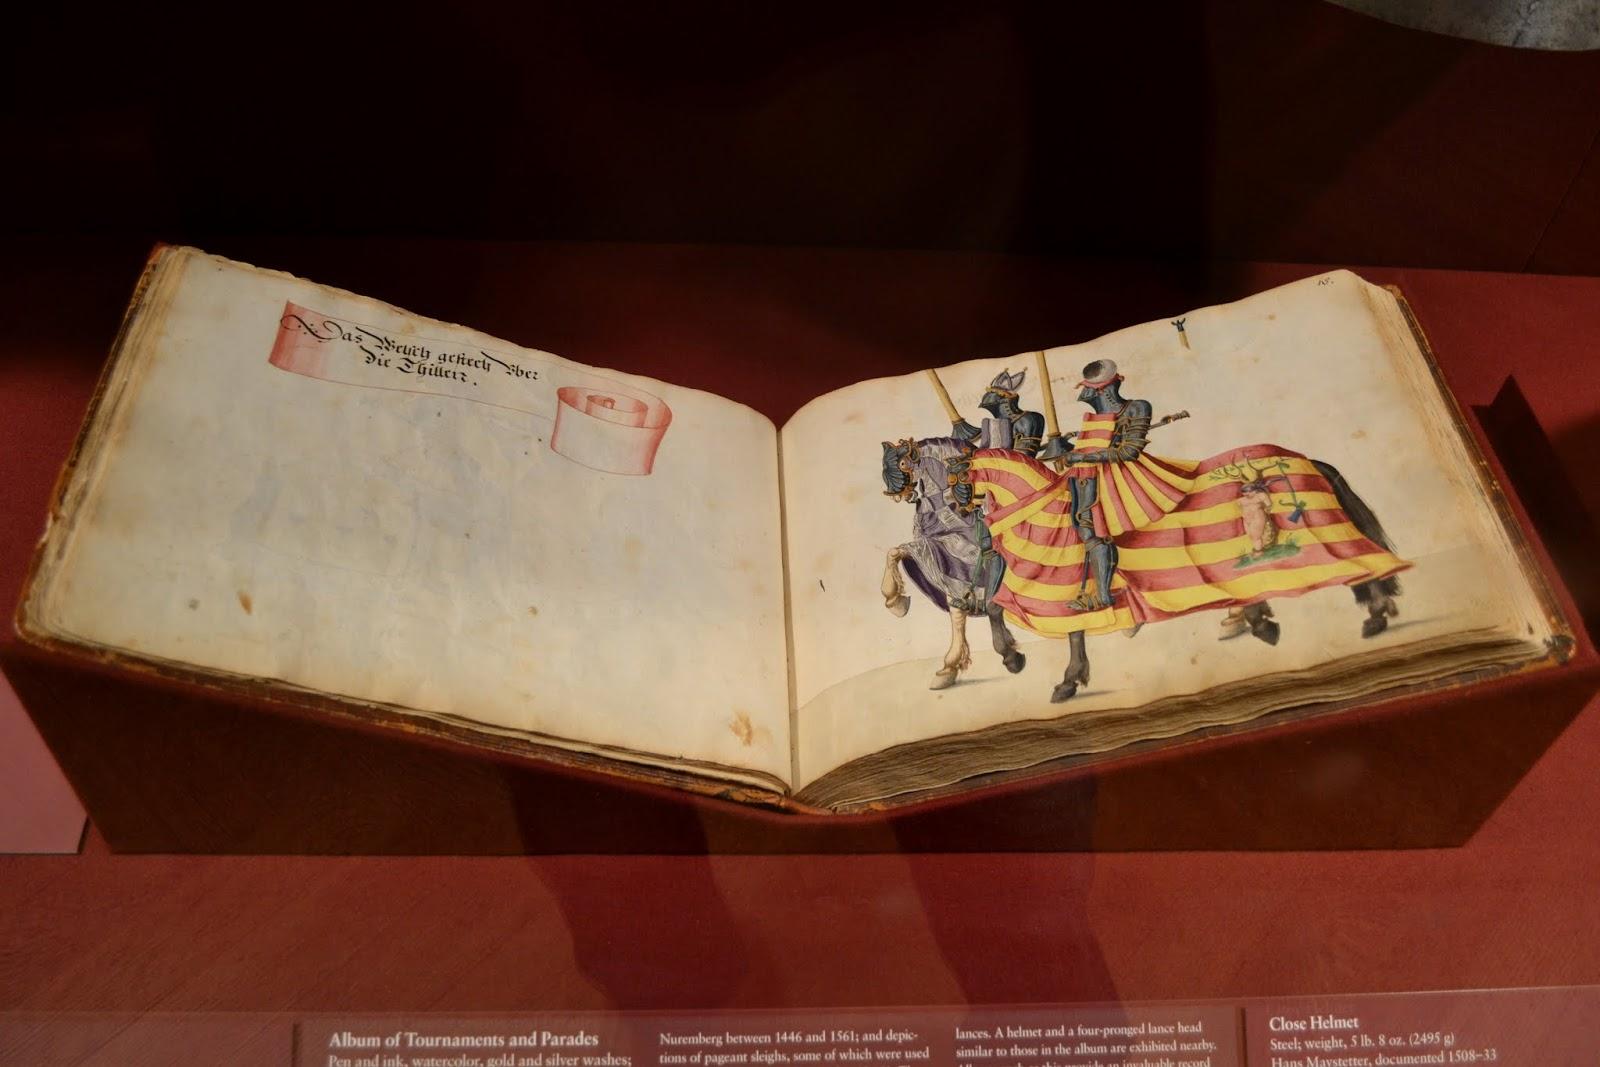 Книга рыцарских турниров. Метрополитен-музей. Нью-Йорк, Нью-Йорк (The Metropolitan Museum of Art, NYC)